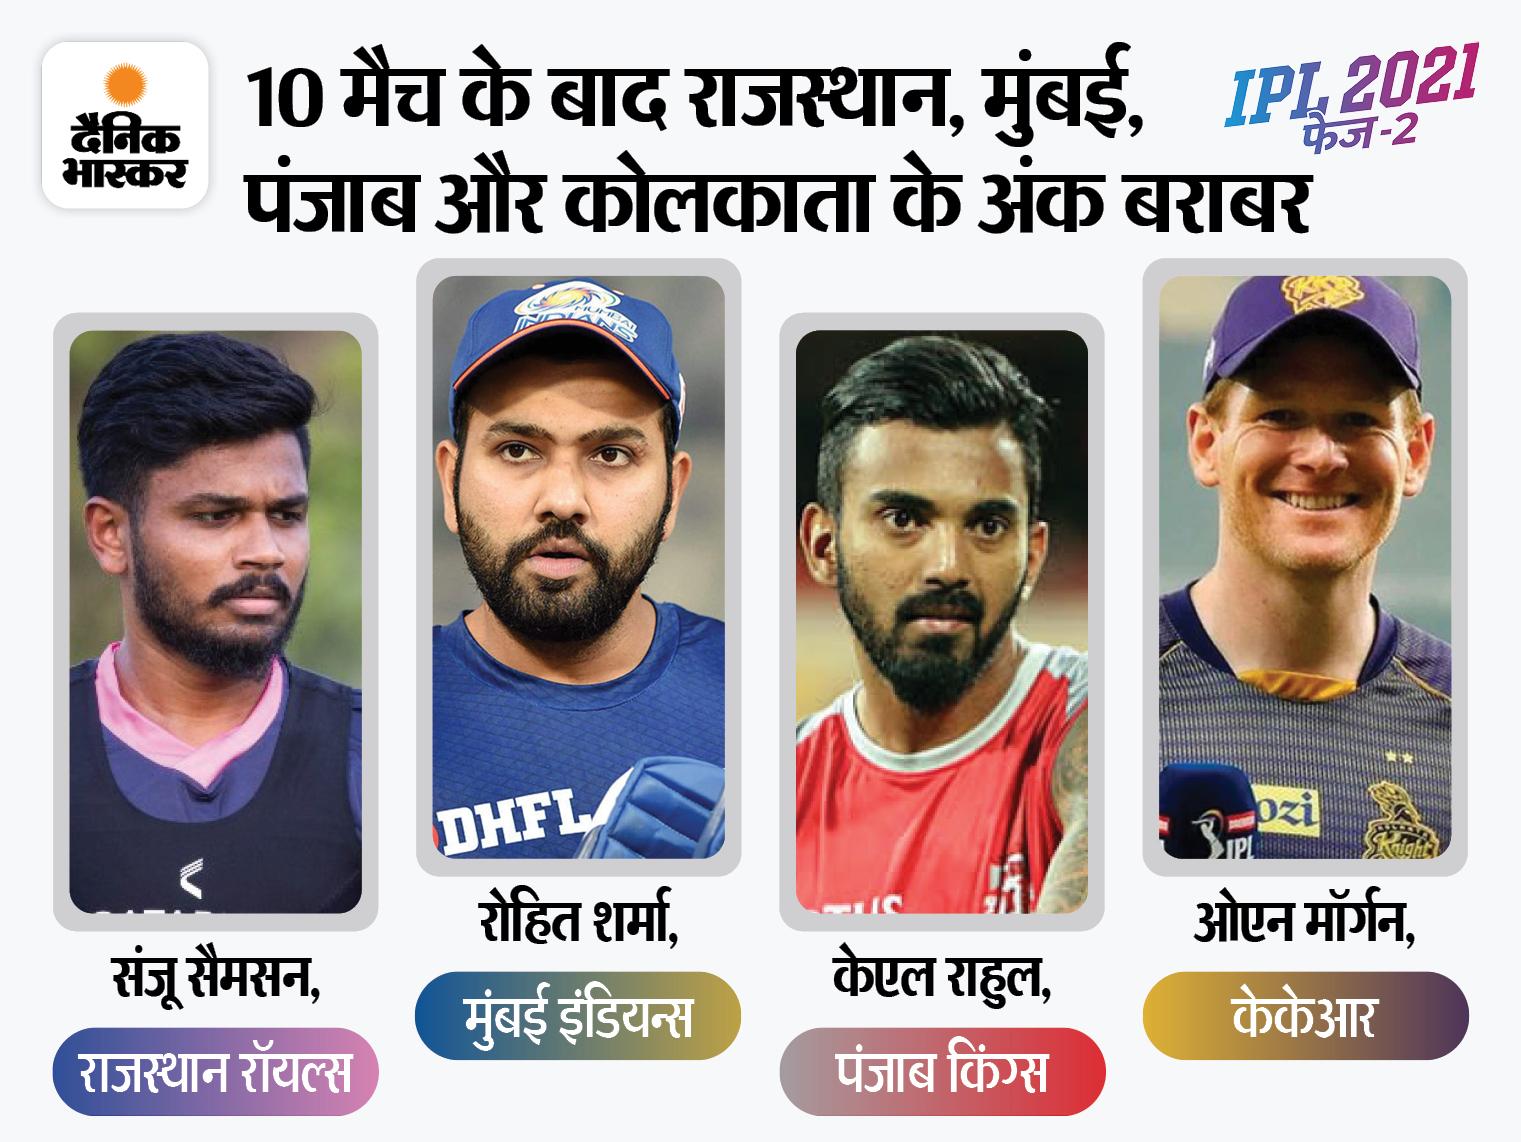 10-10 मैच खेलने के बाद दिल्ली और चेन्नई मजबूत स्थिति में; 8वें नंबर पर काबिज हैदराबाद का प्ले ऑफ में पहुंचना मुश्किल, लेकिन नामुमकिन नहीं|IPL 2021,IPL 2021 - Dainik Bhaskar